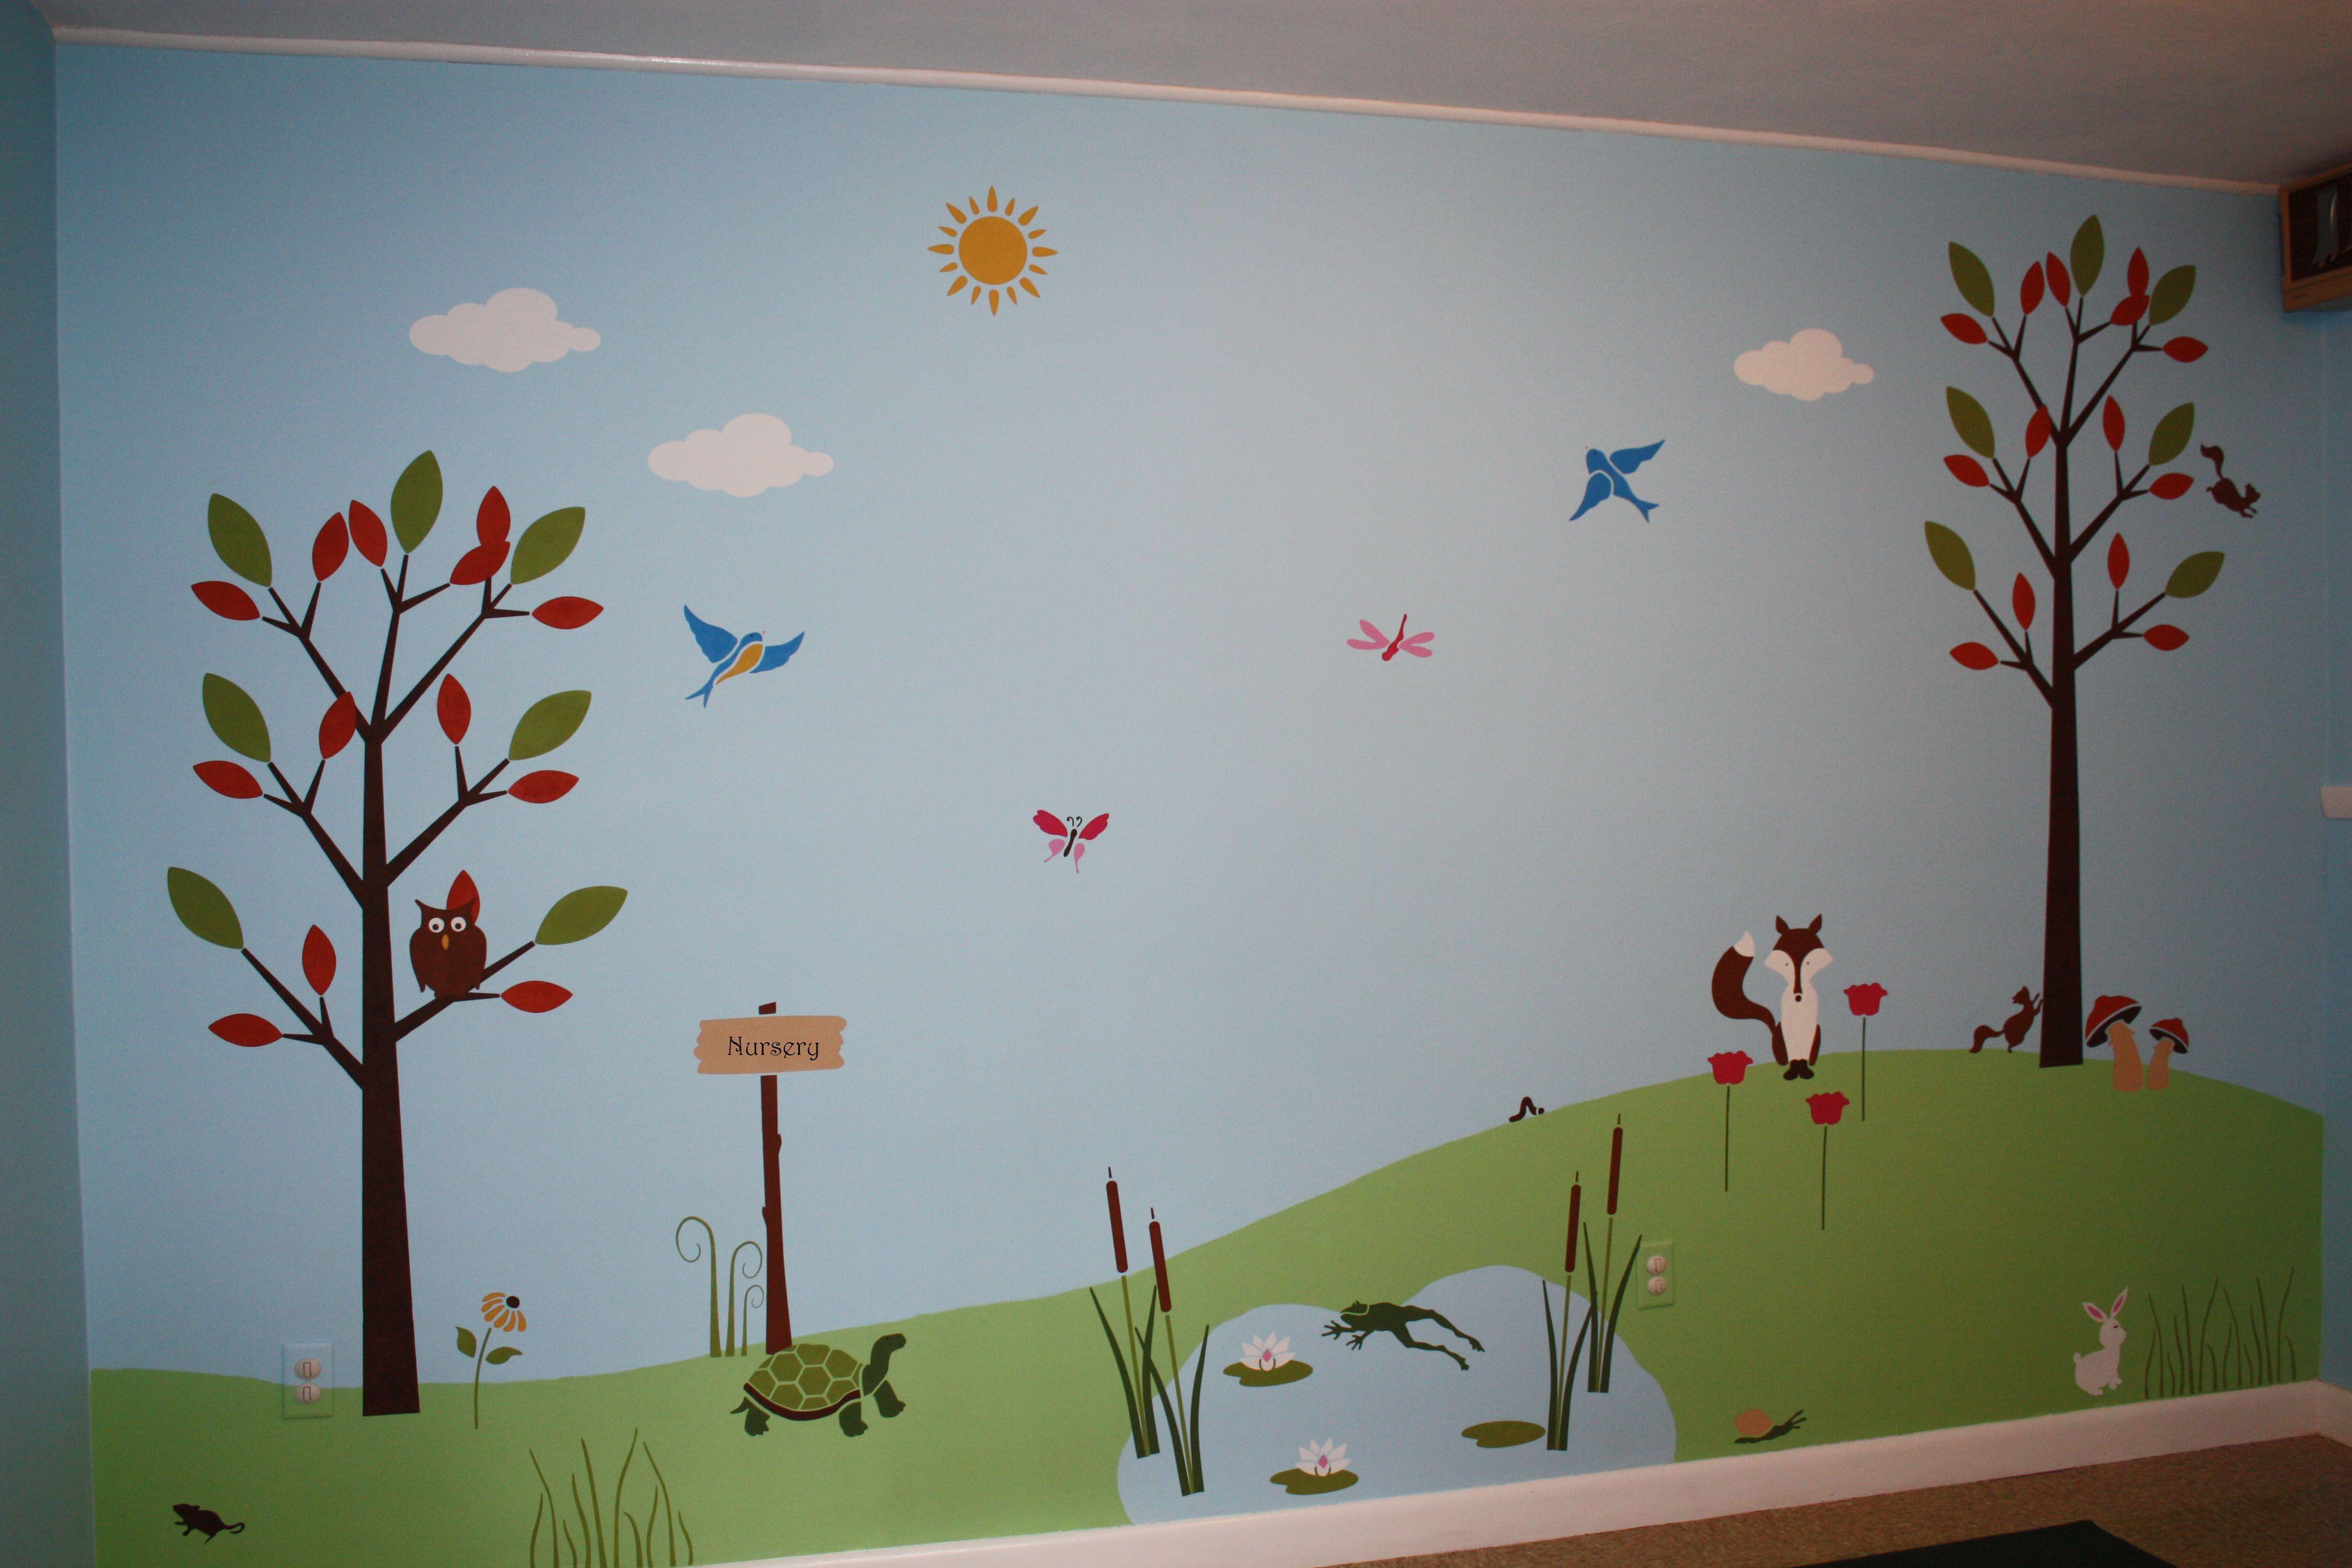 Children S Nursery Mural Childrens Wall Murals Nursery Wall